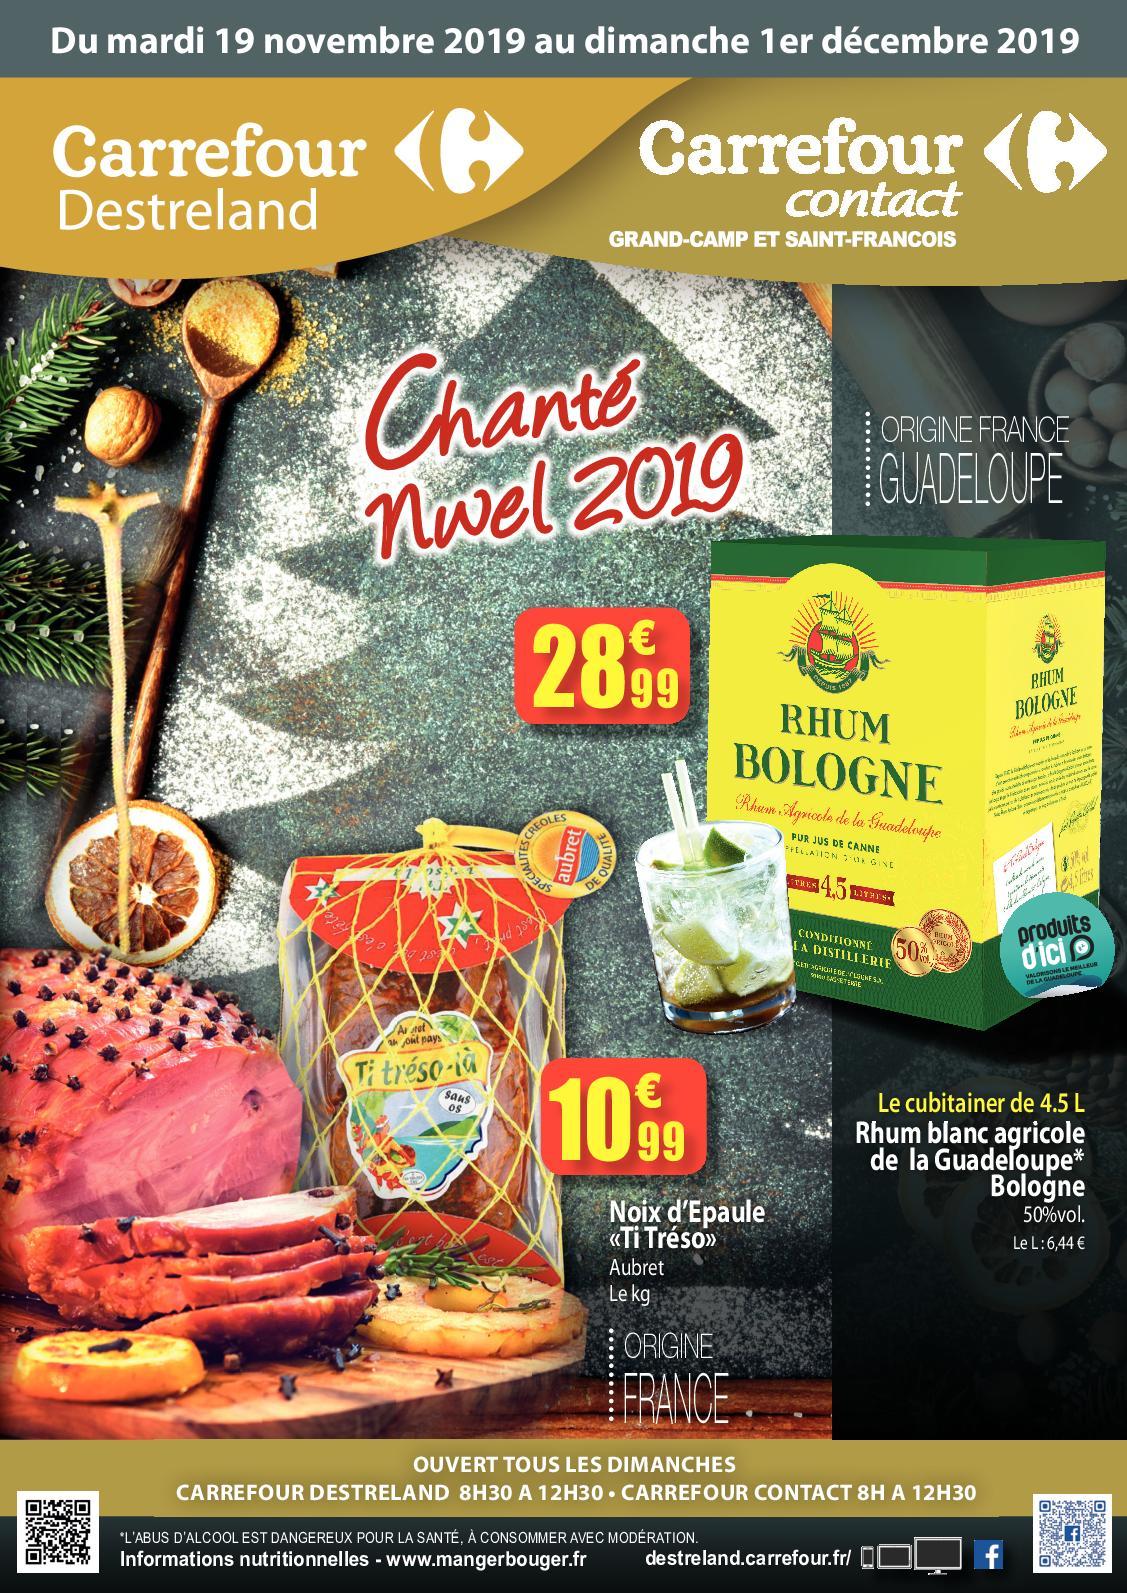 Salon De Jardin Resine Carrefour Frais Calaméo Catalogue Chante Nwel Of 28 Best Of Salon De Jardin Resine Carrefour